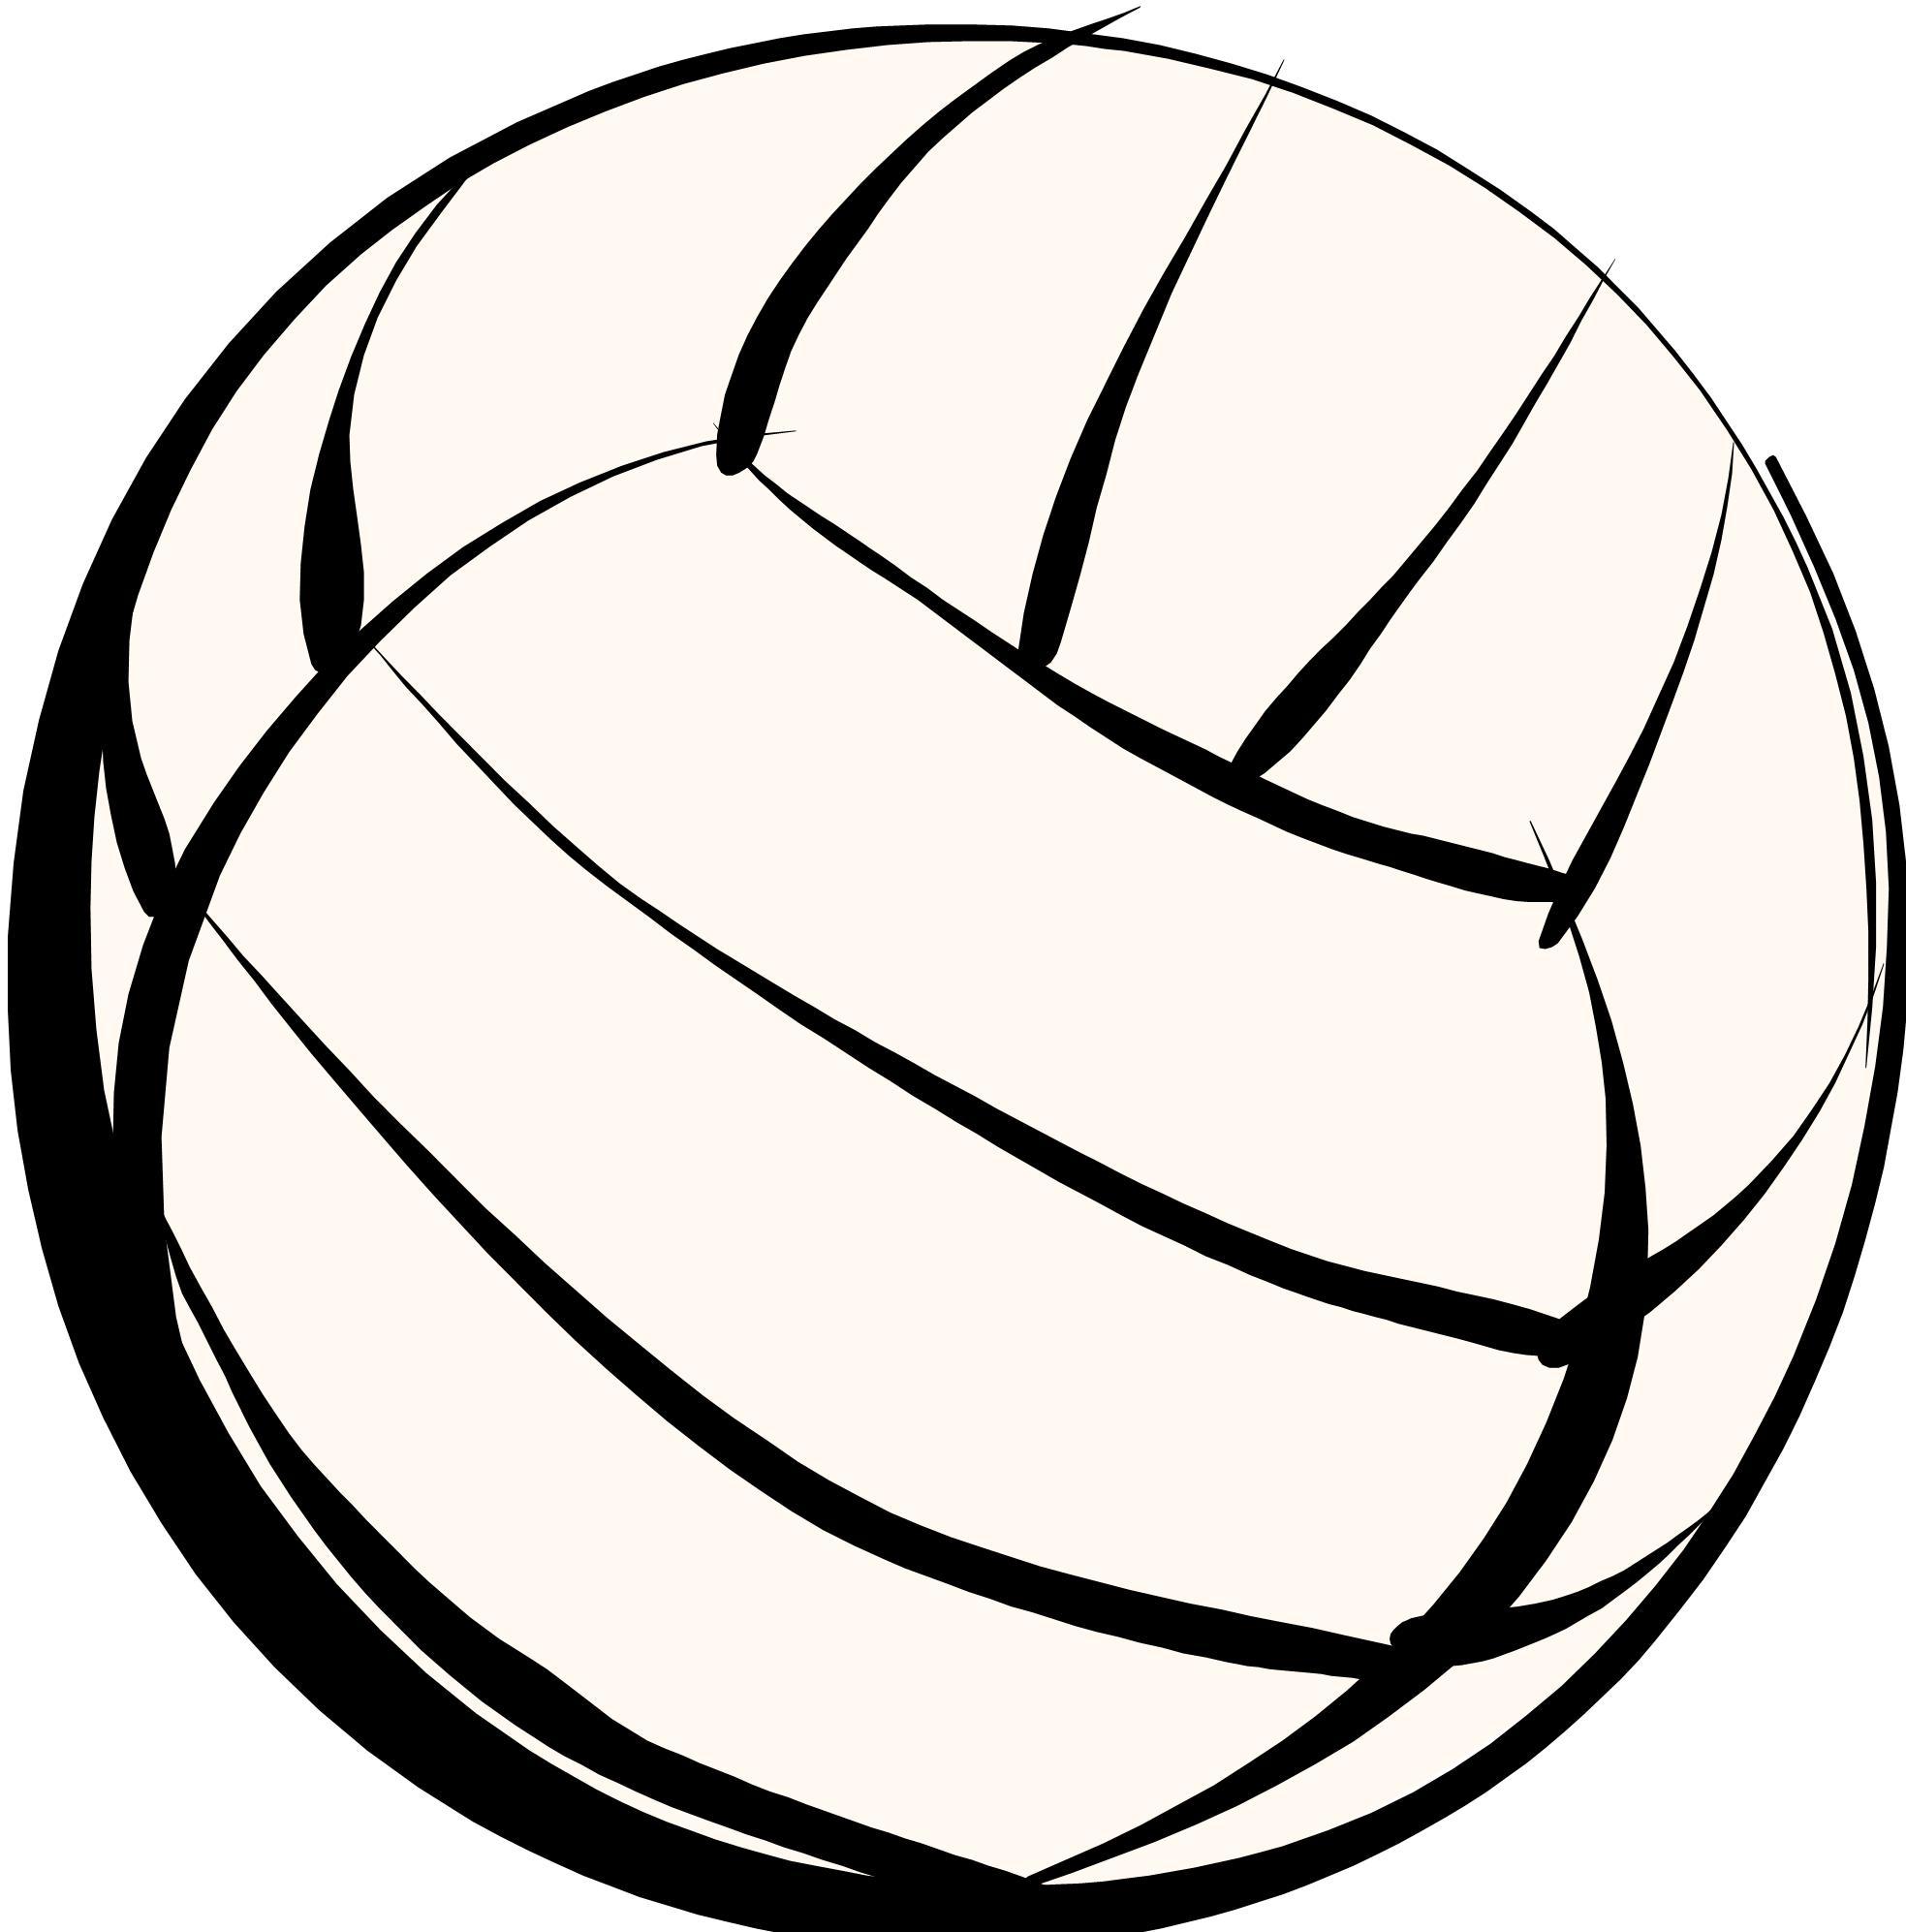 Cartoon Volleyball - ClipArt Best